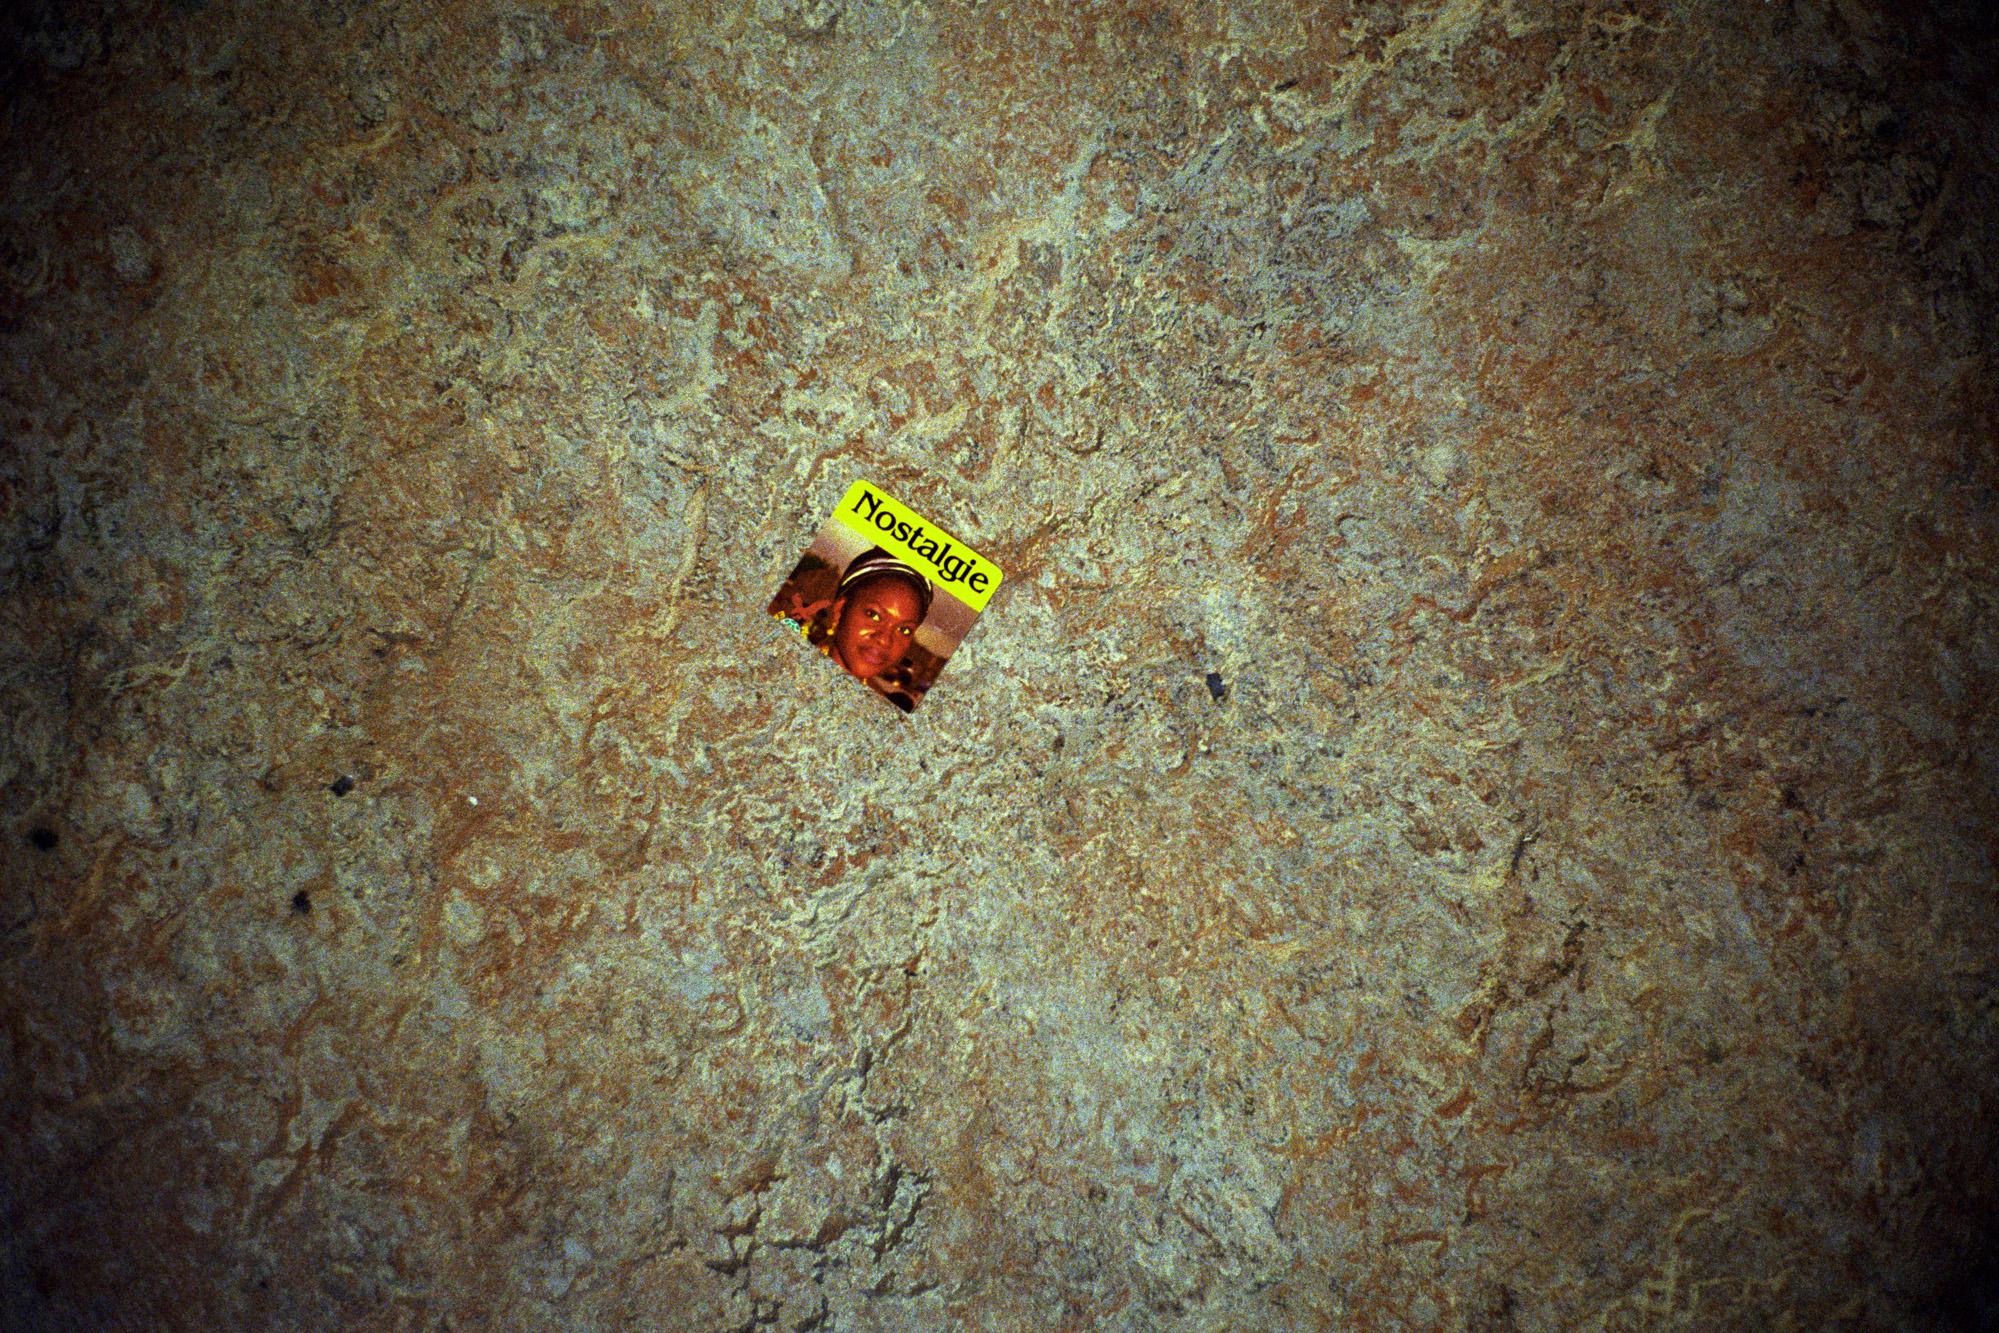 """Dans un couloir, il y a cet autocollant posé par terre.  Extrait du webdocumentaire   """" Adoma, vers la maison ? """"  , séléctionné au festival Visa Pour l'Image 2009."""